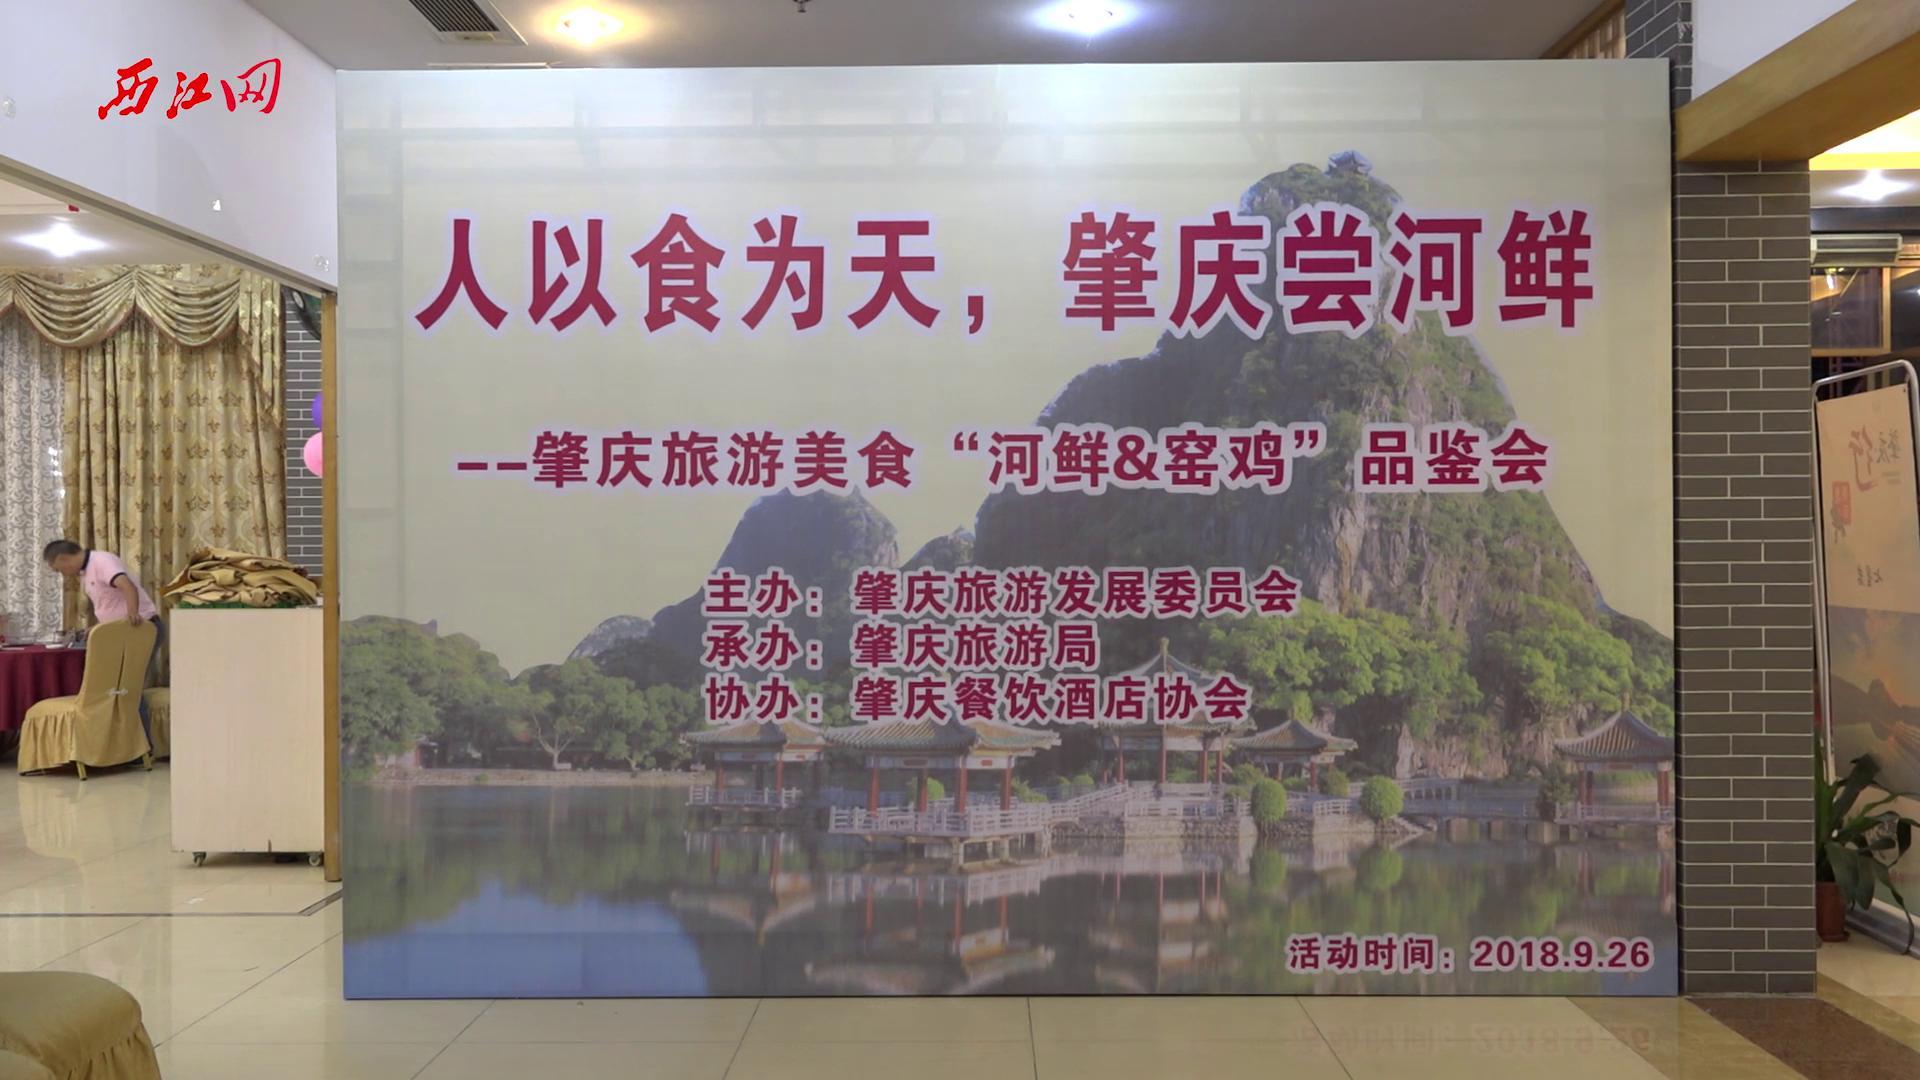 """APP自助领取彩金38旅游美食""""河鲜&窑鸡""""品鉴会"""